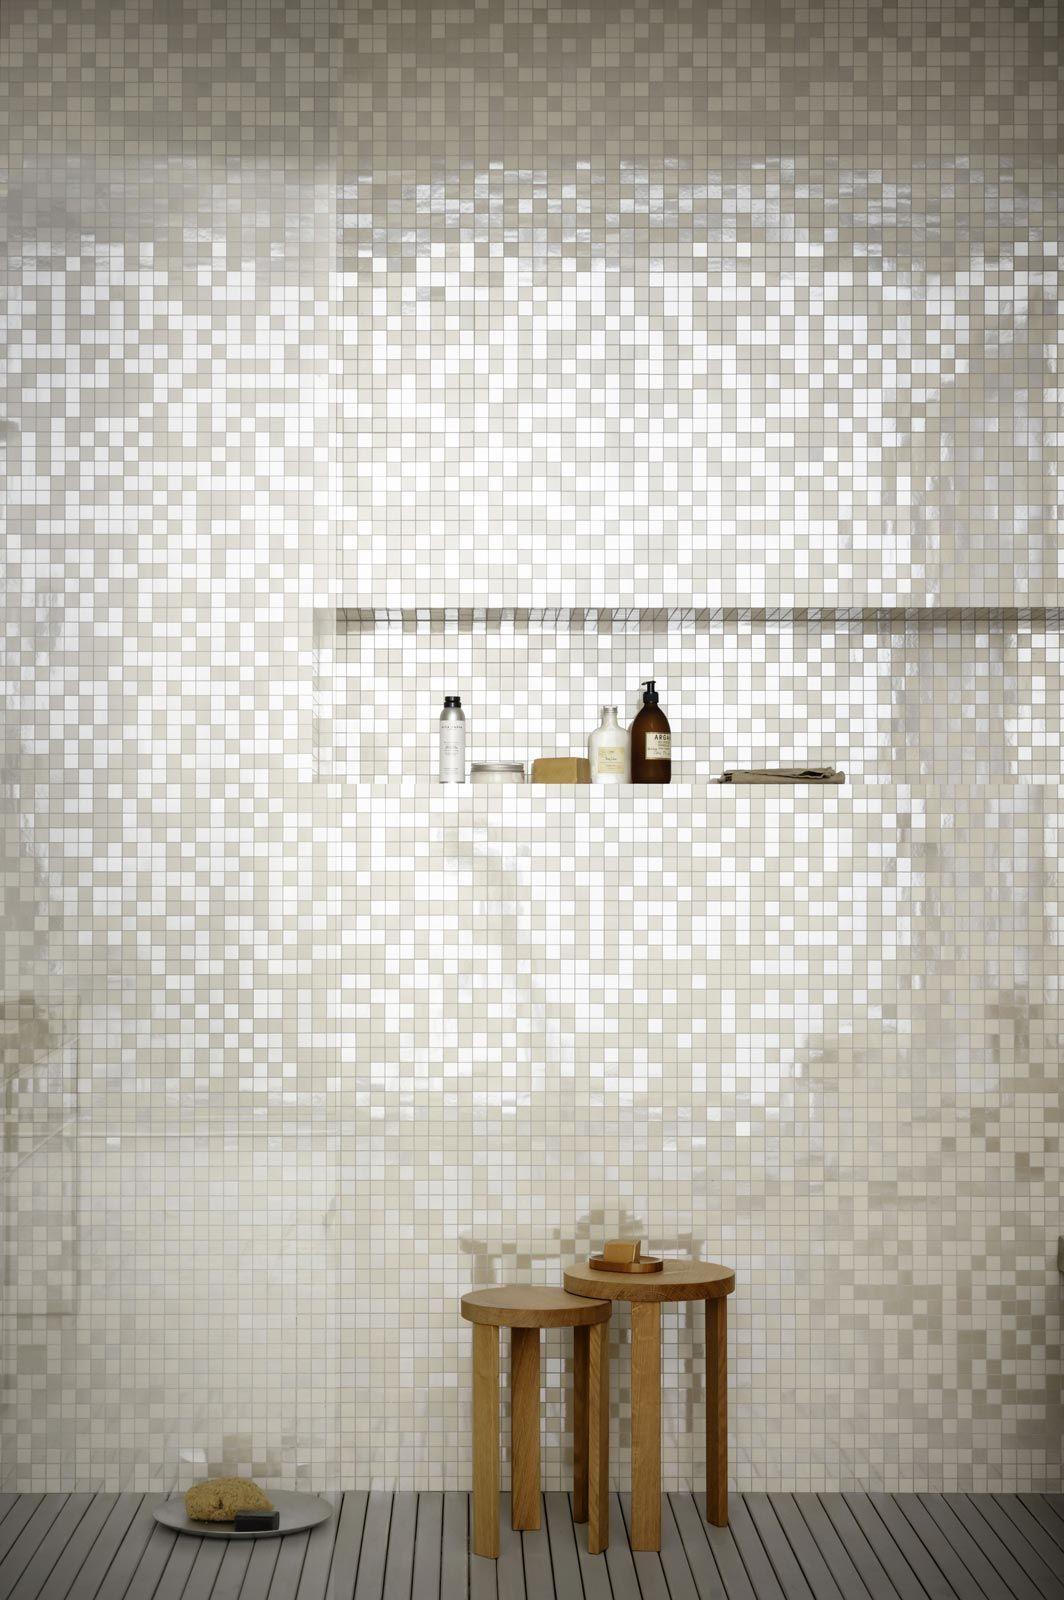 Imperfetto piastrelle in ceramica Marazzi_6328 | bagno | Pinterest ...